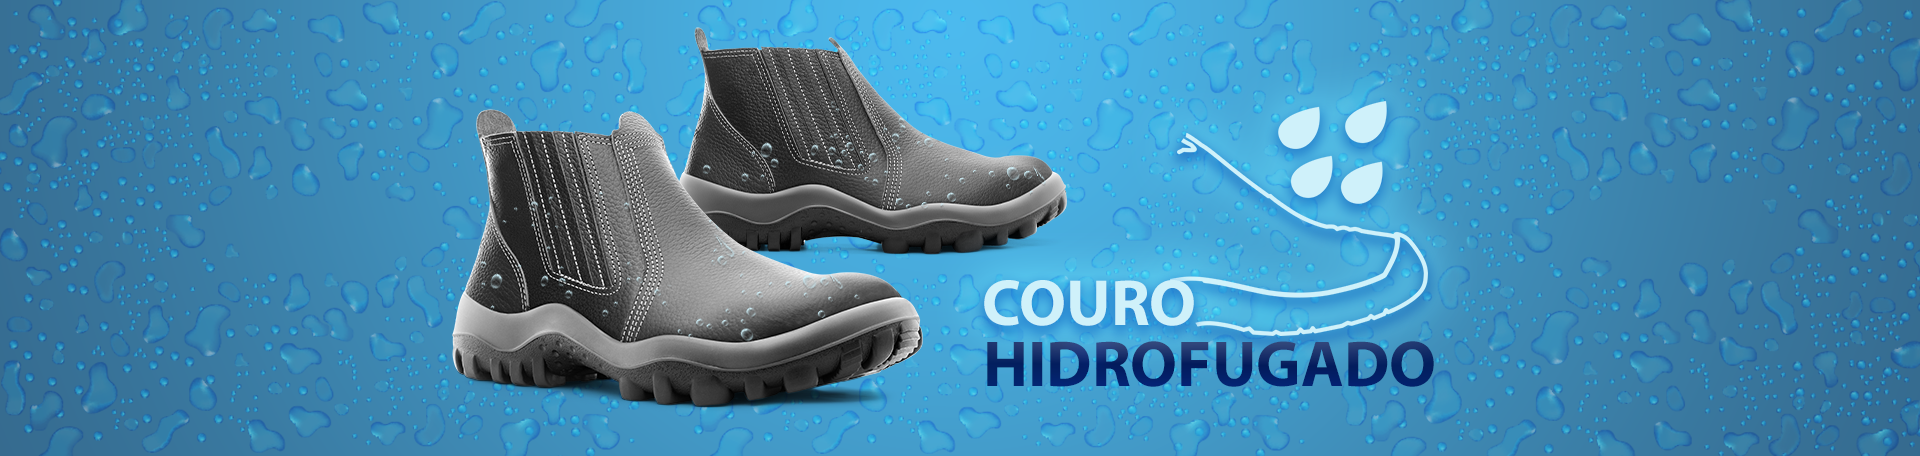 couro hidrofugado para calçado de segurança do trabalho